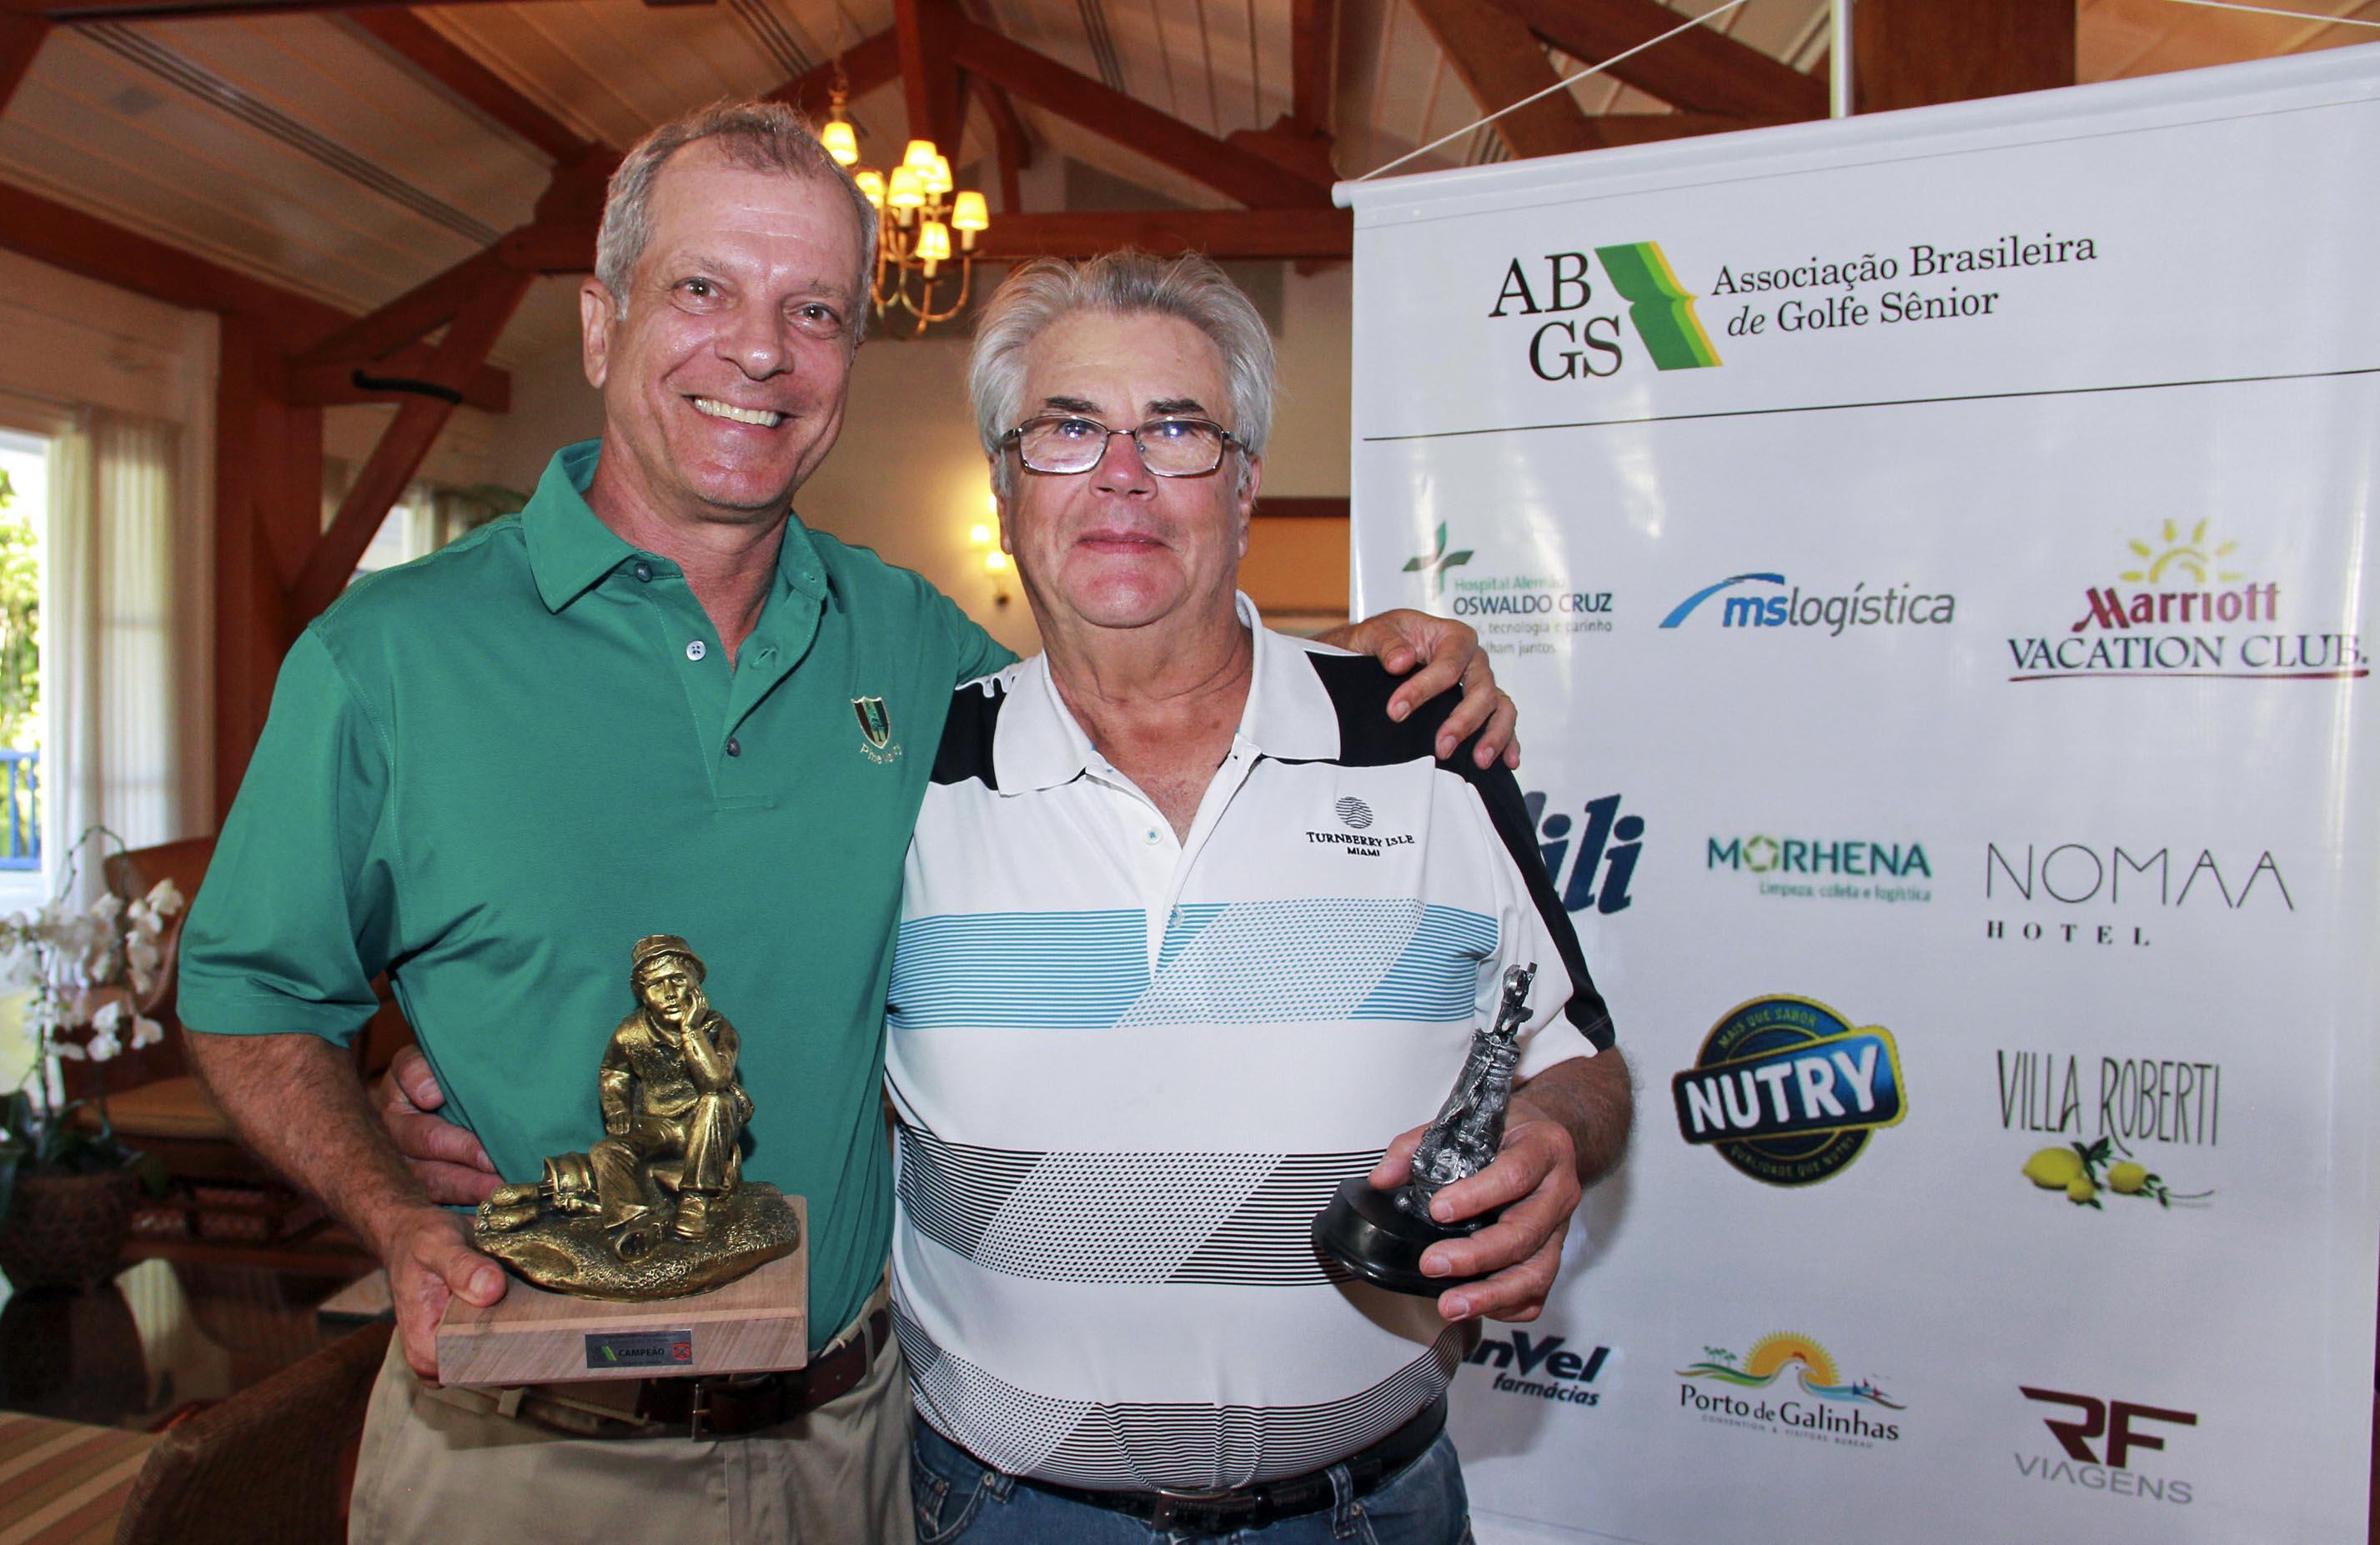 Marcelo Stallone vence Campeonato ABGS de Golfe Sênior do Rio de Janeiro, no Gávea